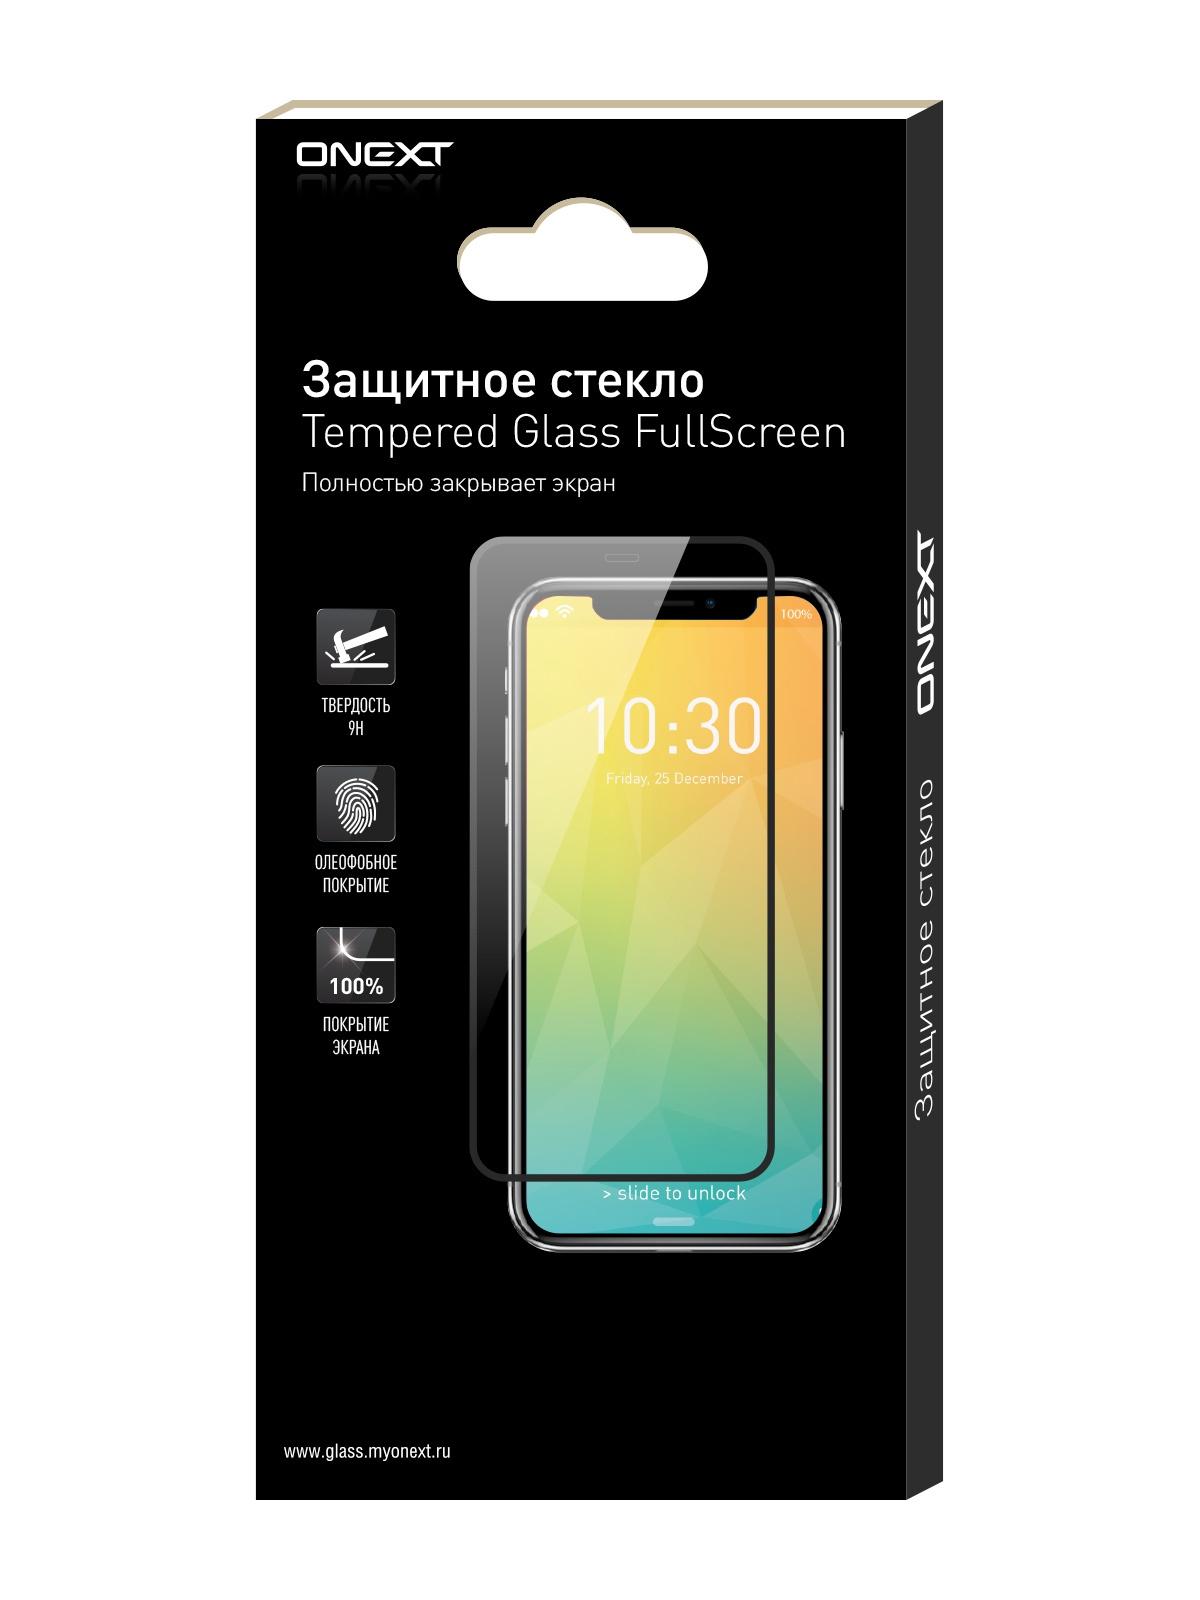 Защитное стекло ONEXT Huawei Honor V9 с рамкой защитное стекло onext для huawei p10 lite 641 41432 с рамкой белый